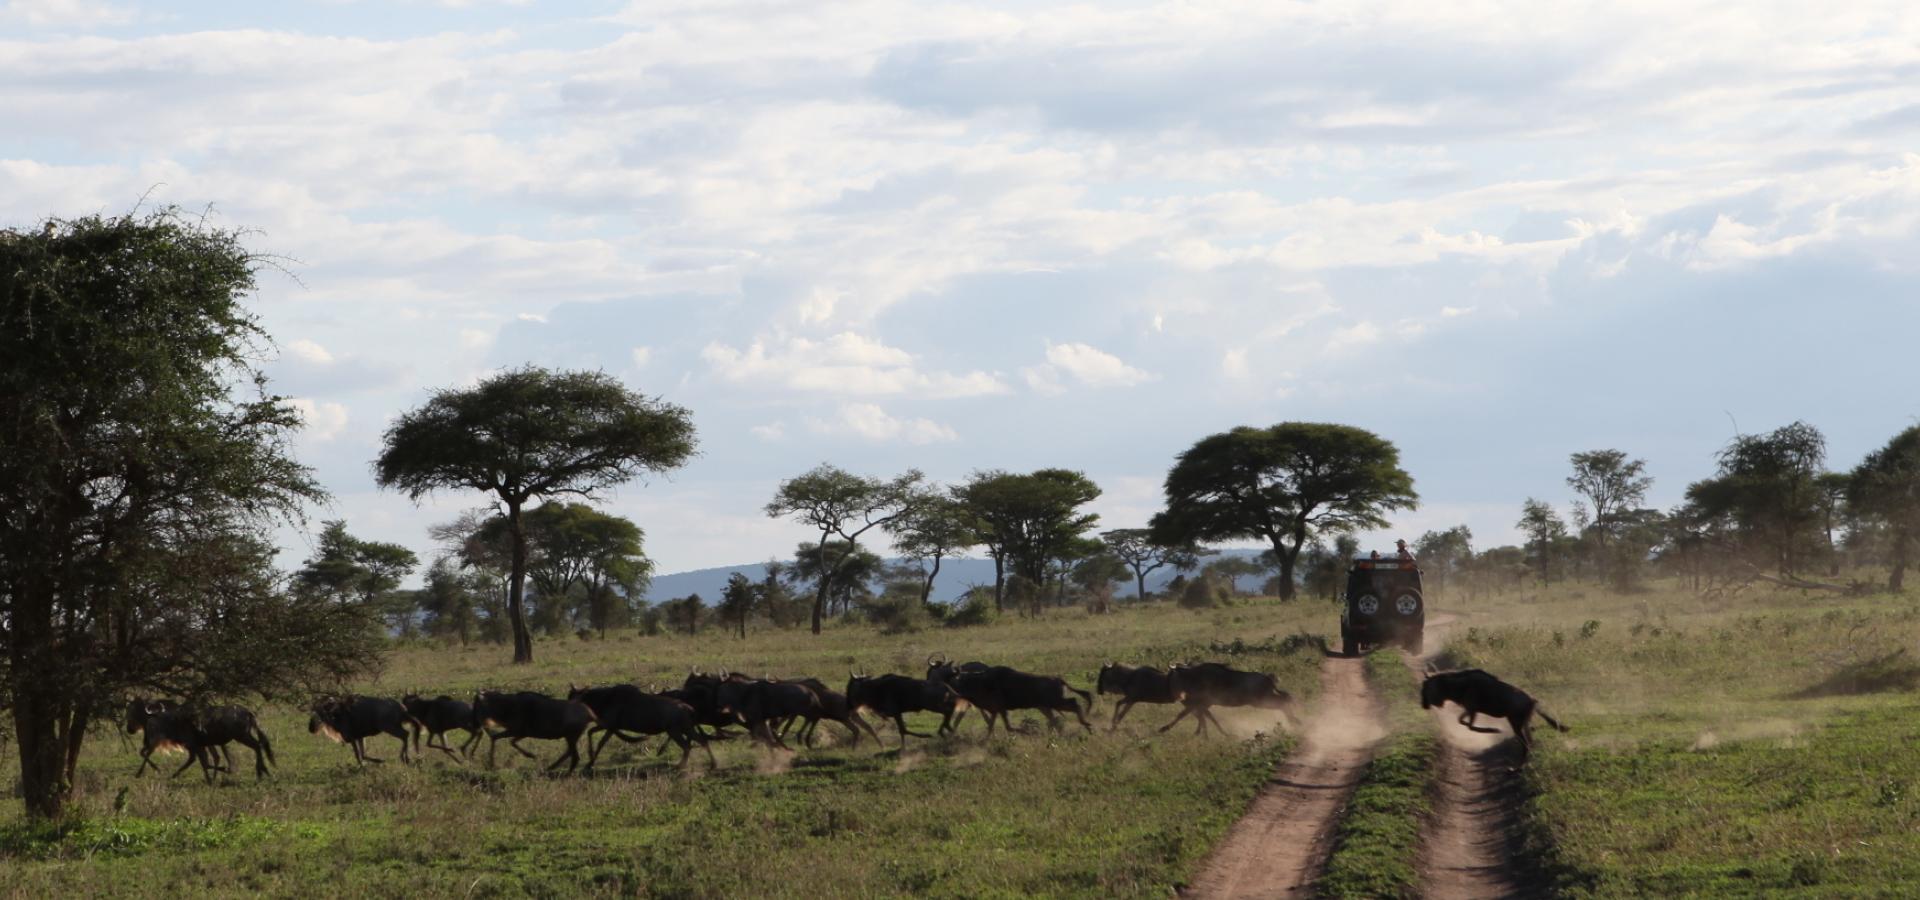 Erleben Sie die einzigartige Tiermigration der Serengeti in Tanzania